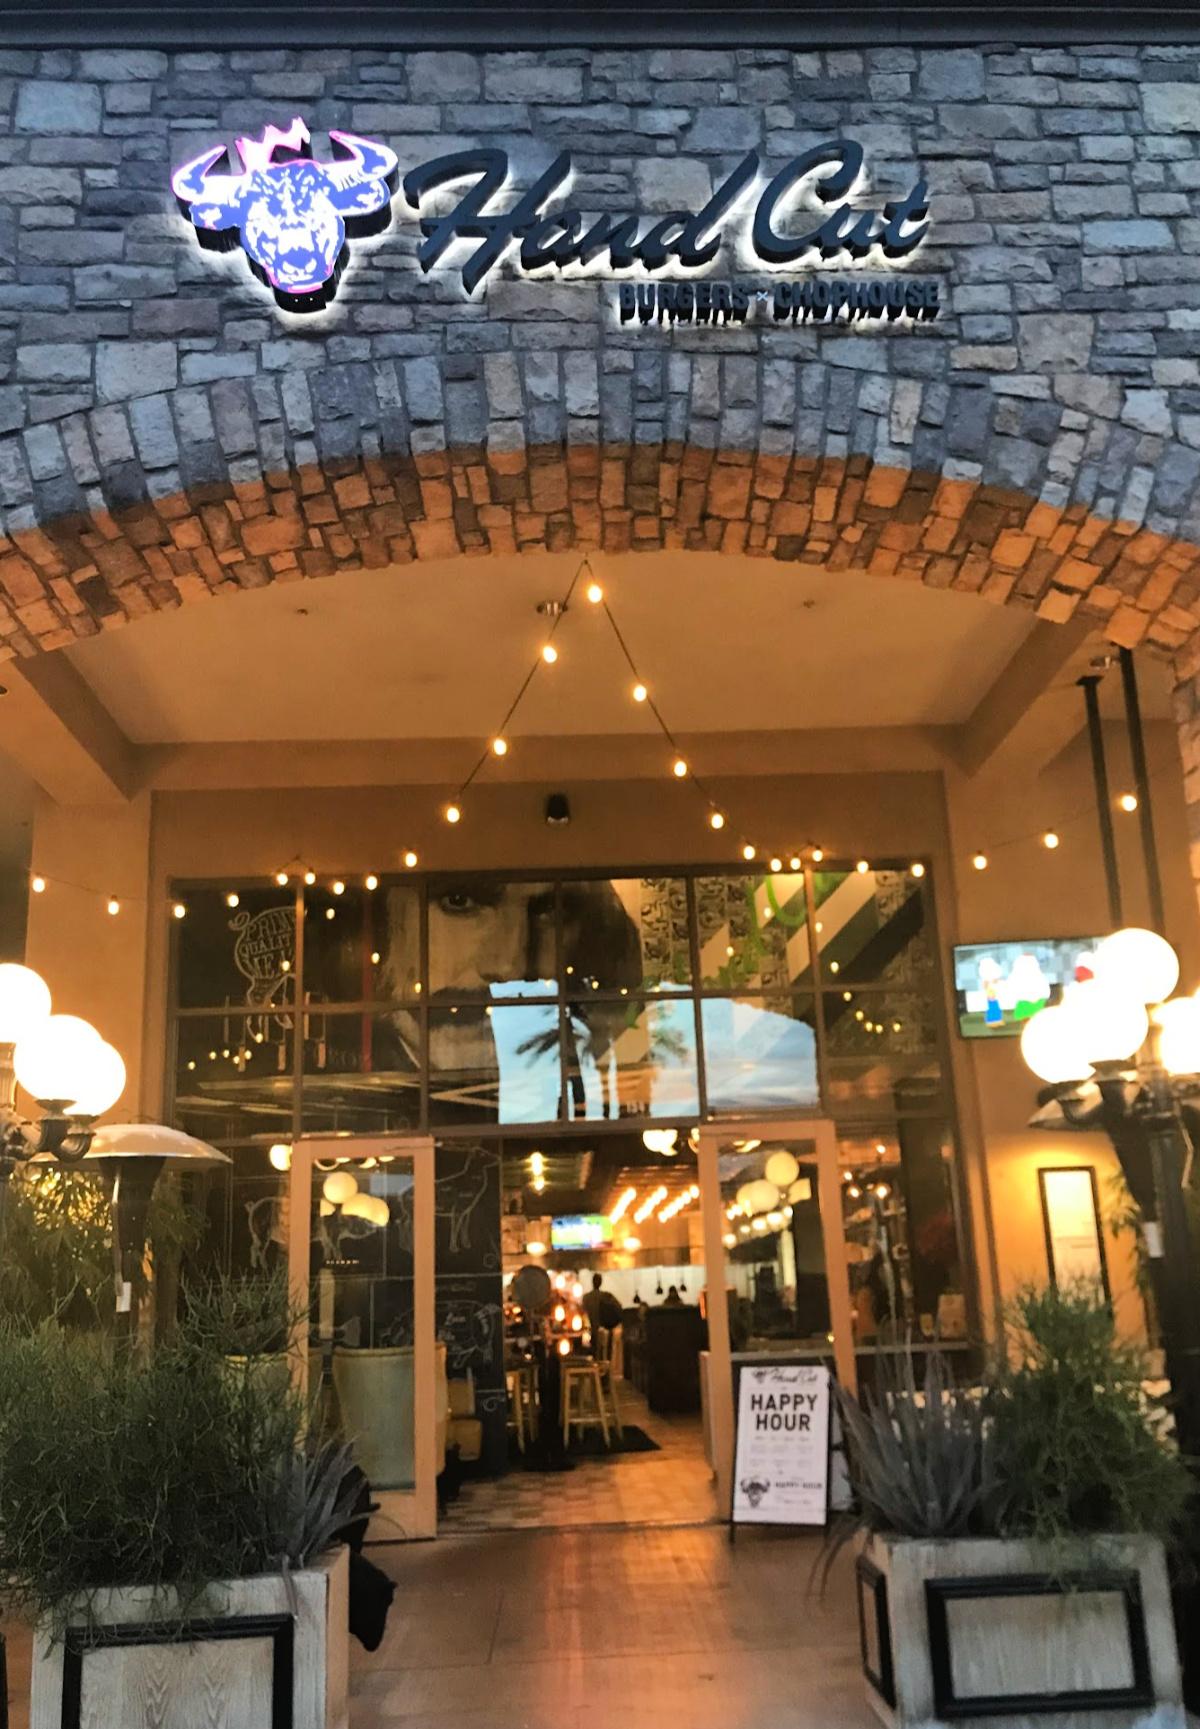 Restaurants in Phoenix